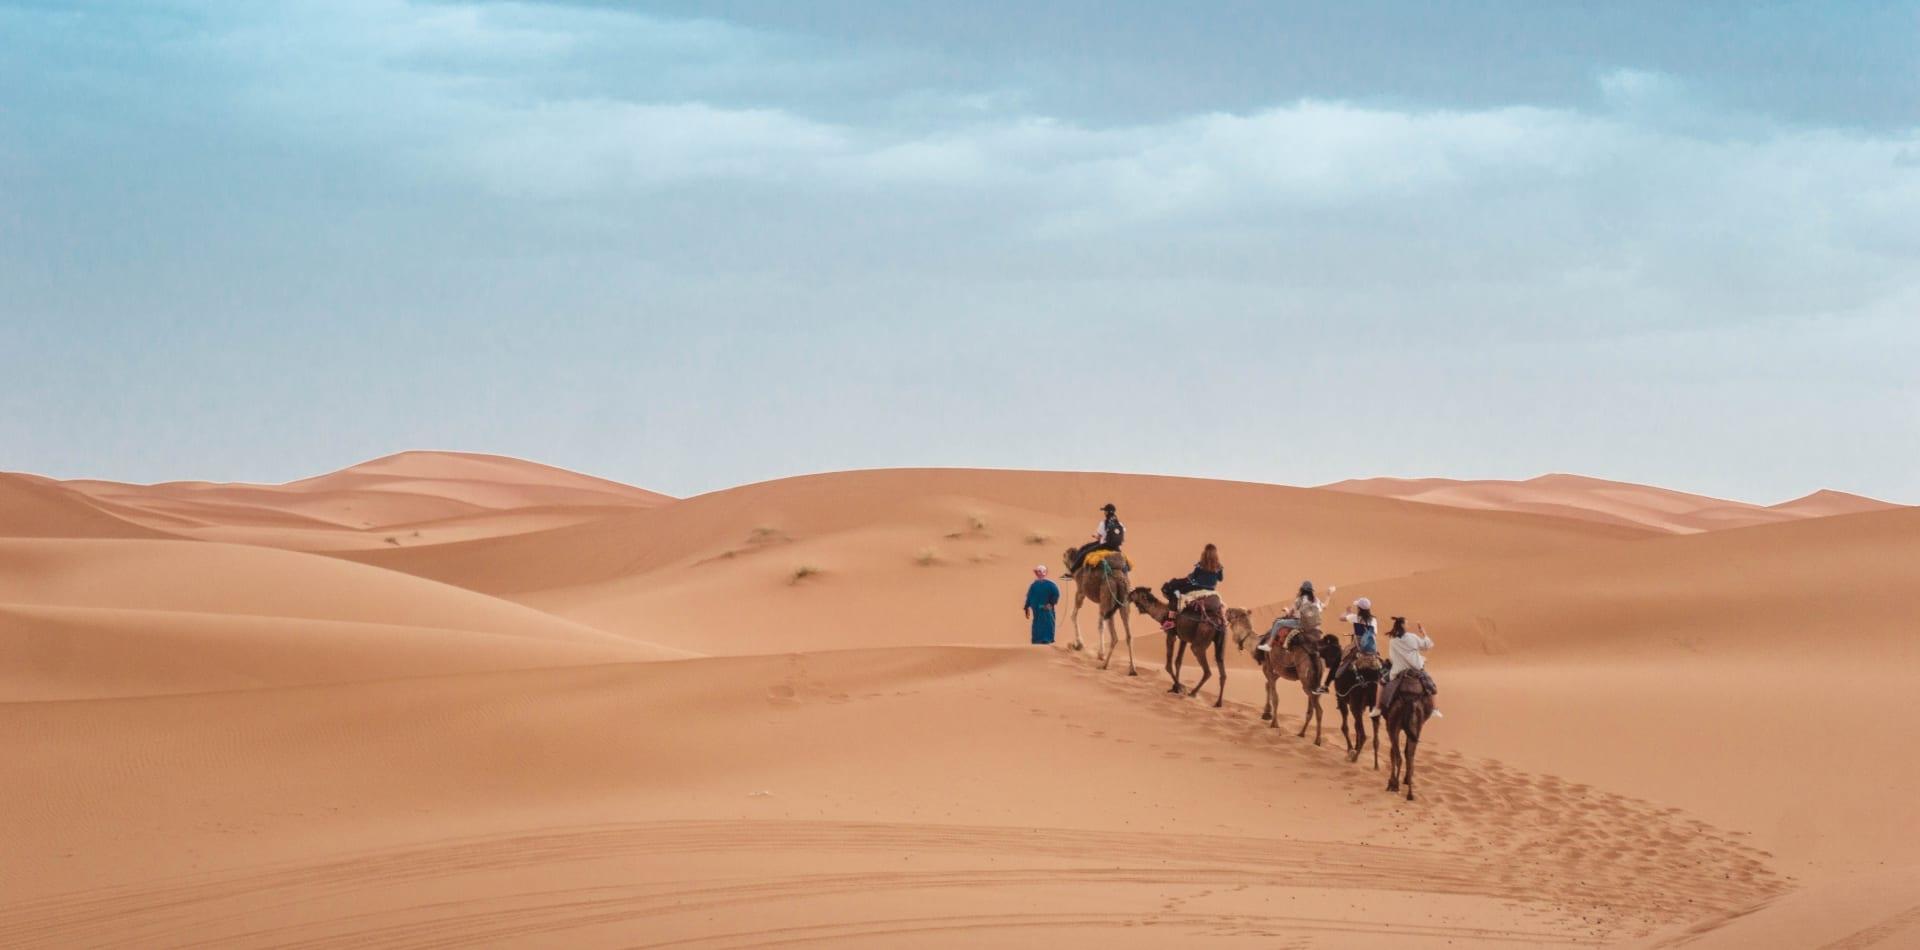 Desert camel trek in Morocco